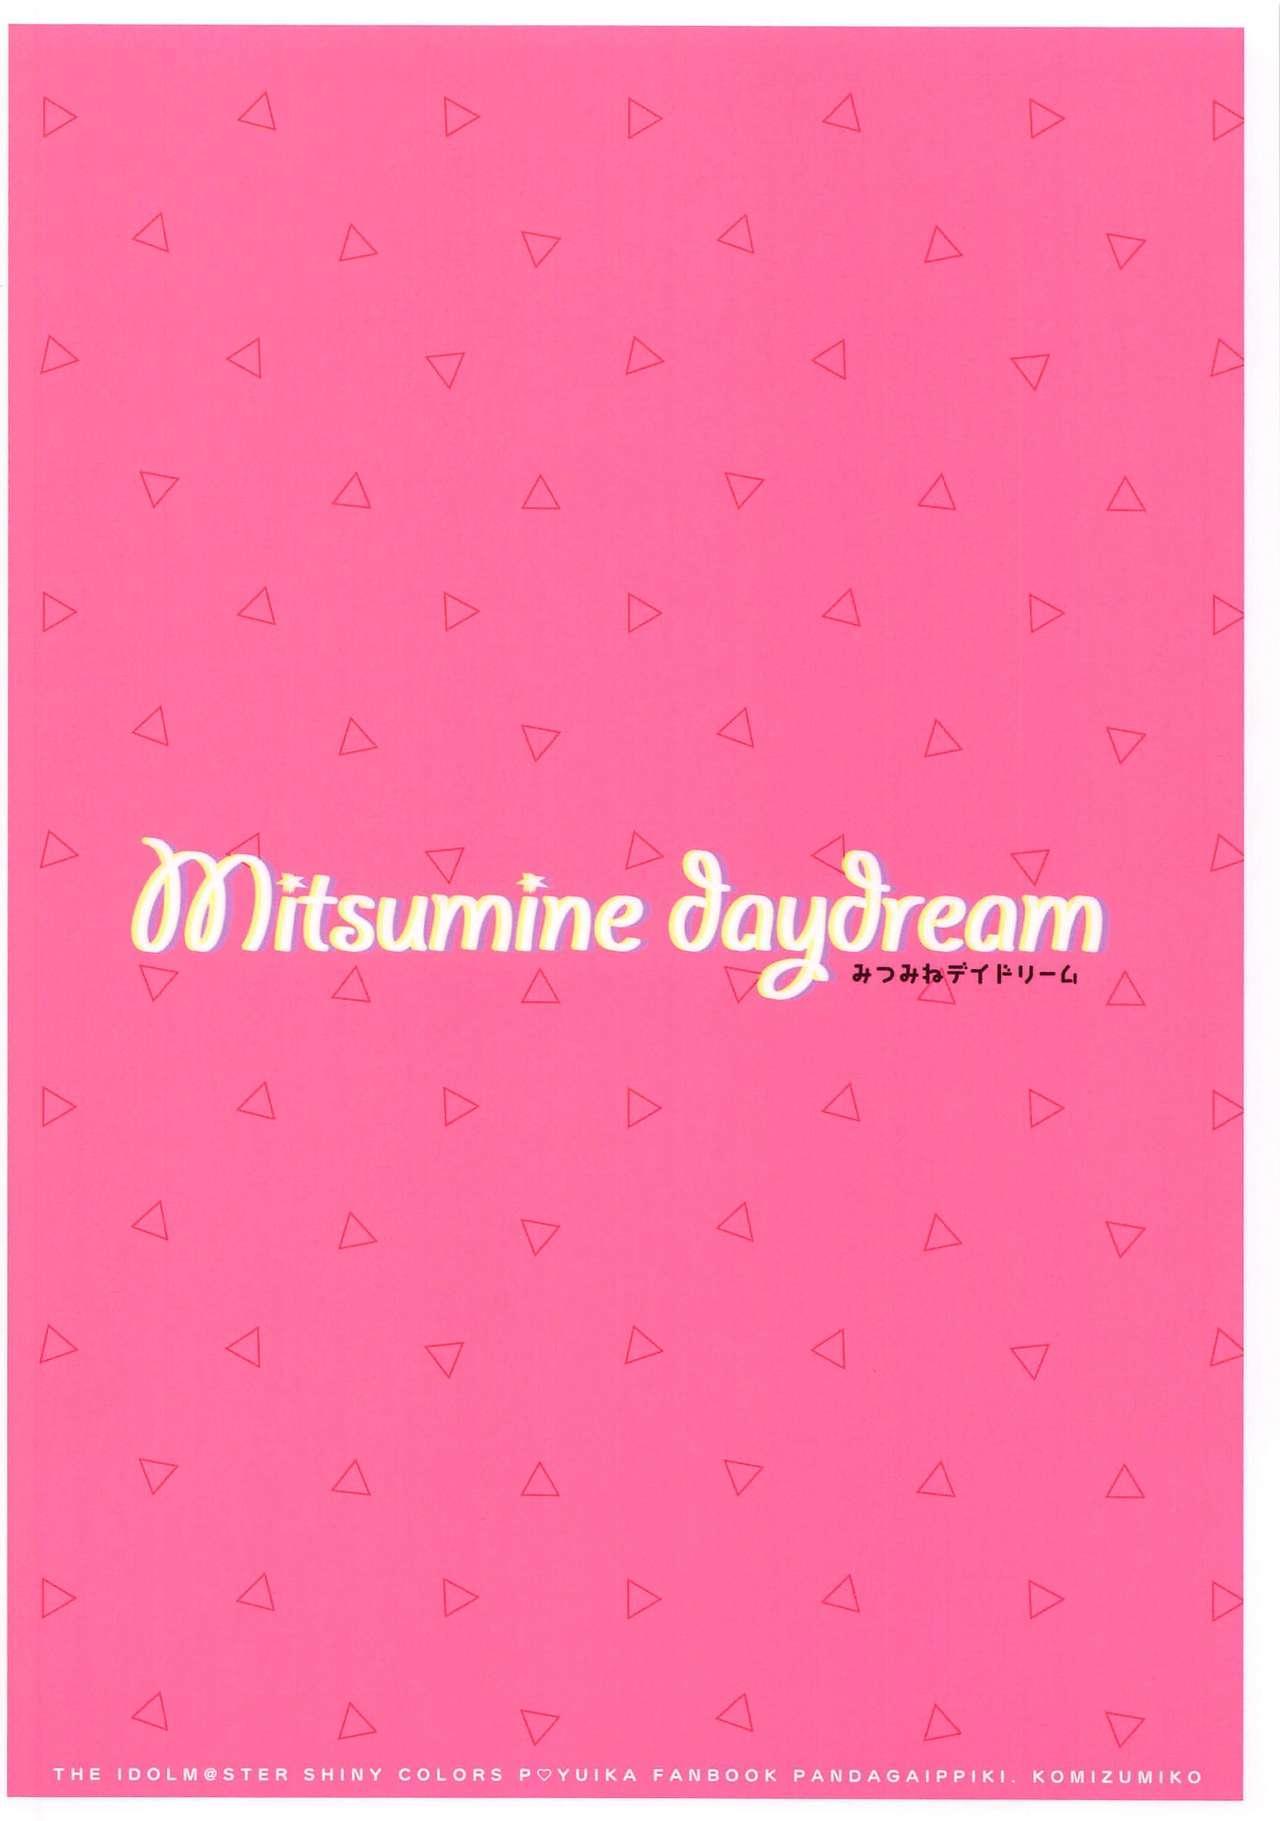 Mitsumine daydream 13